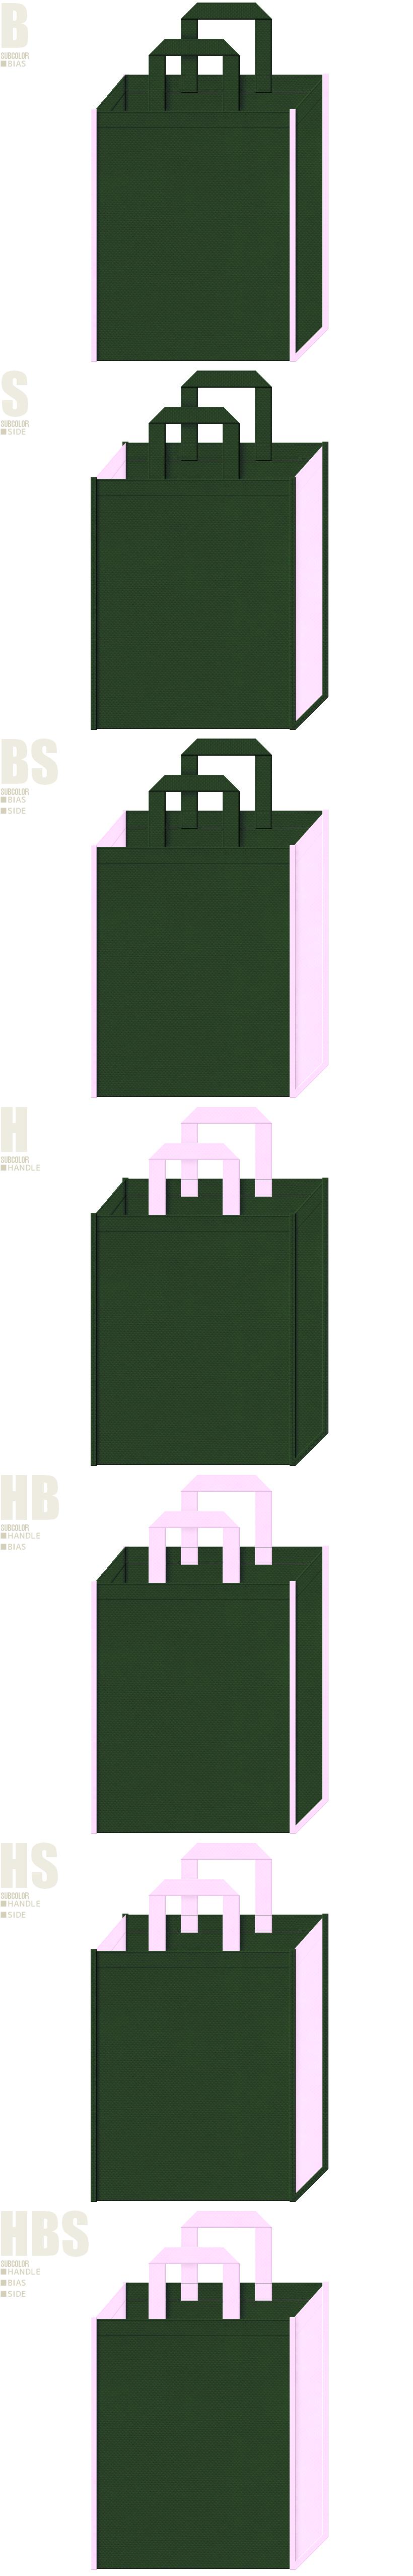 学校・黒板・卒業式・桜のイメージにお奨めの不織布バッグデザイン:濃緑色と明るいピンク色の不織布バッグ配色7パターン。